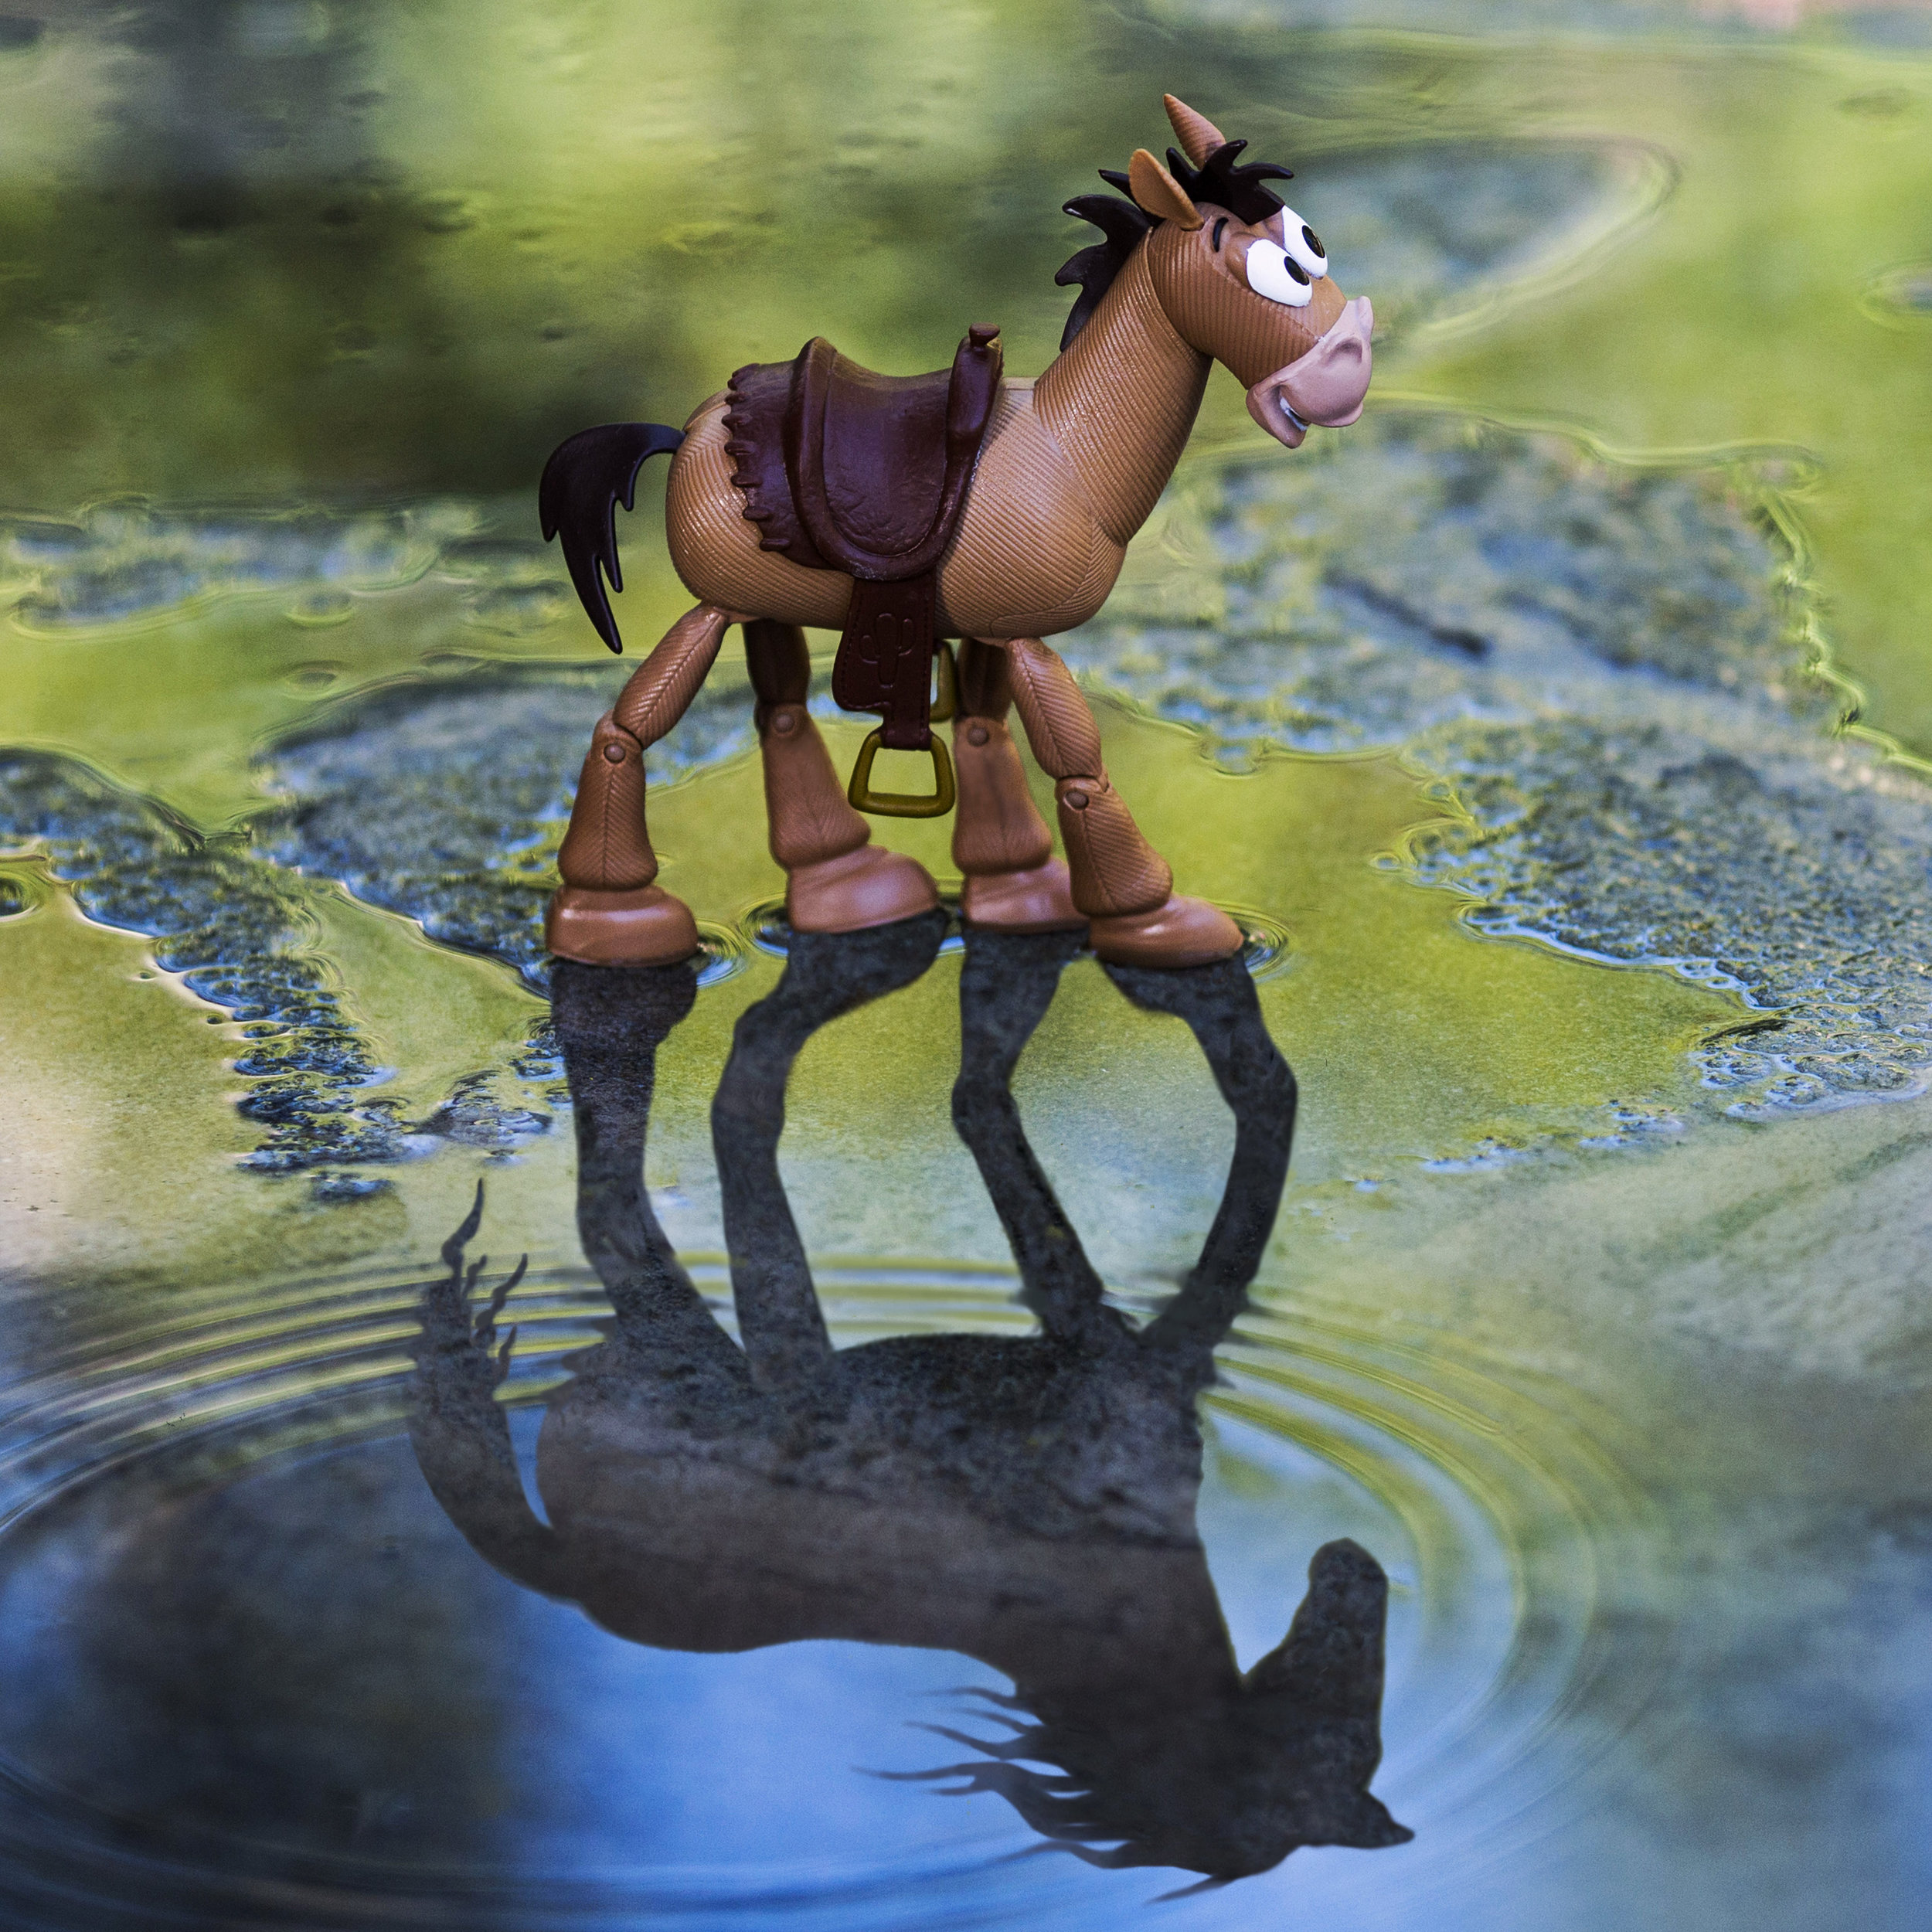 Toy Story Bullseye Reflection.jpg